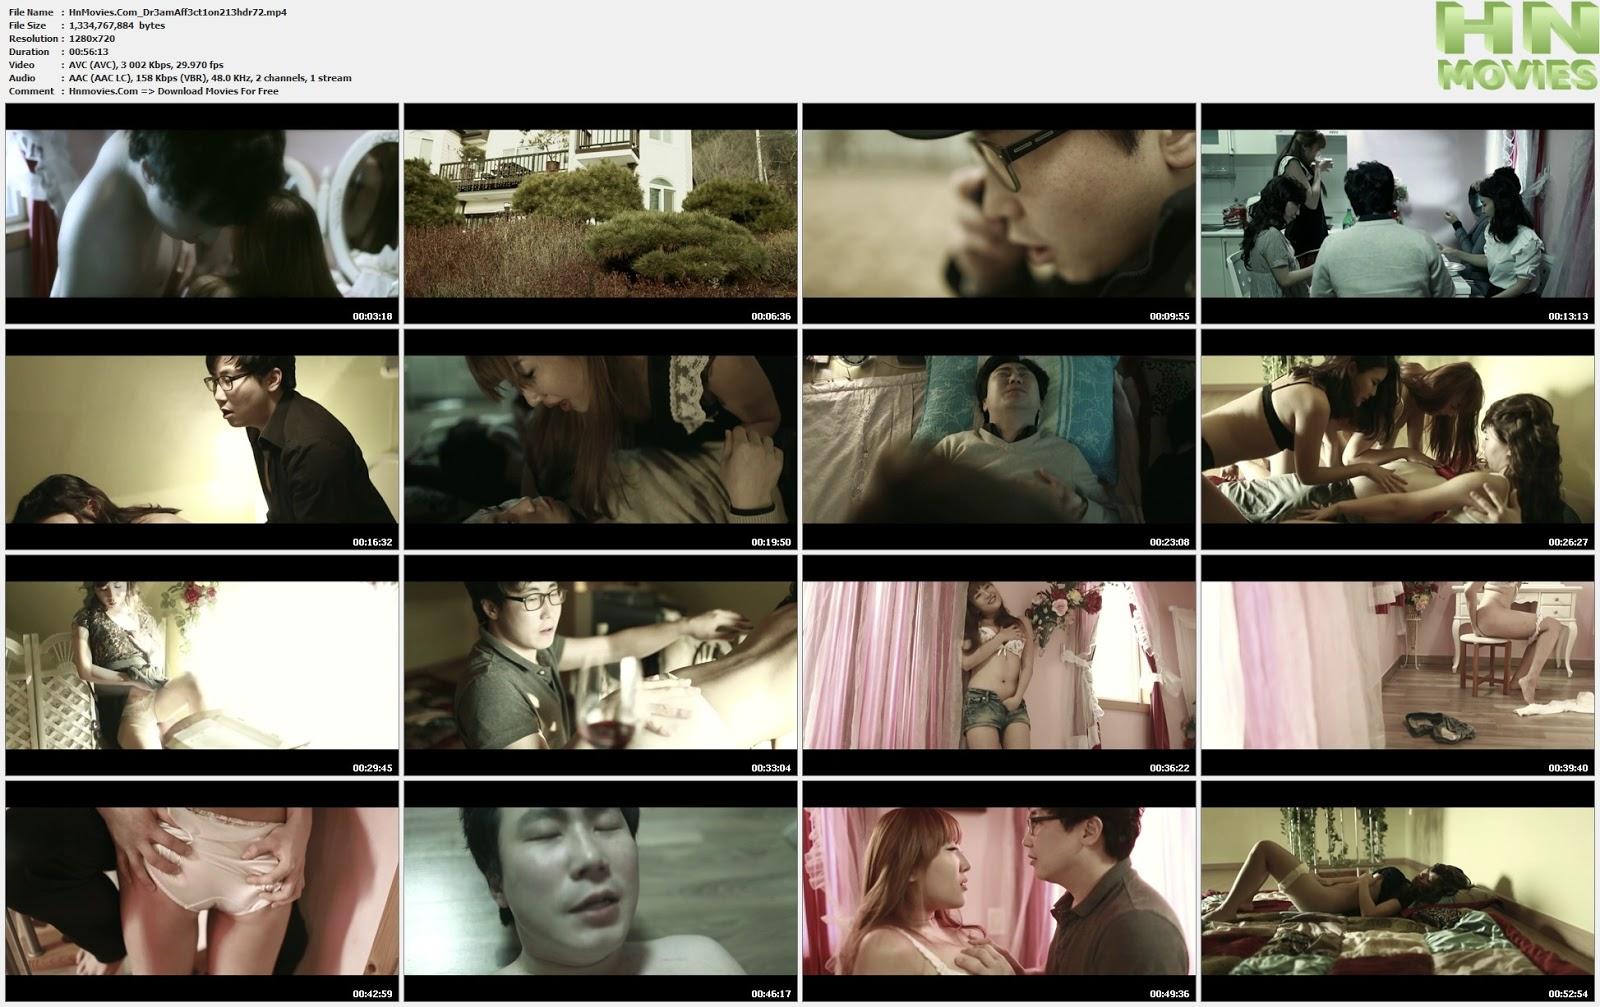 movie screenshot of Dream Affection 2 fdmovie.com